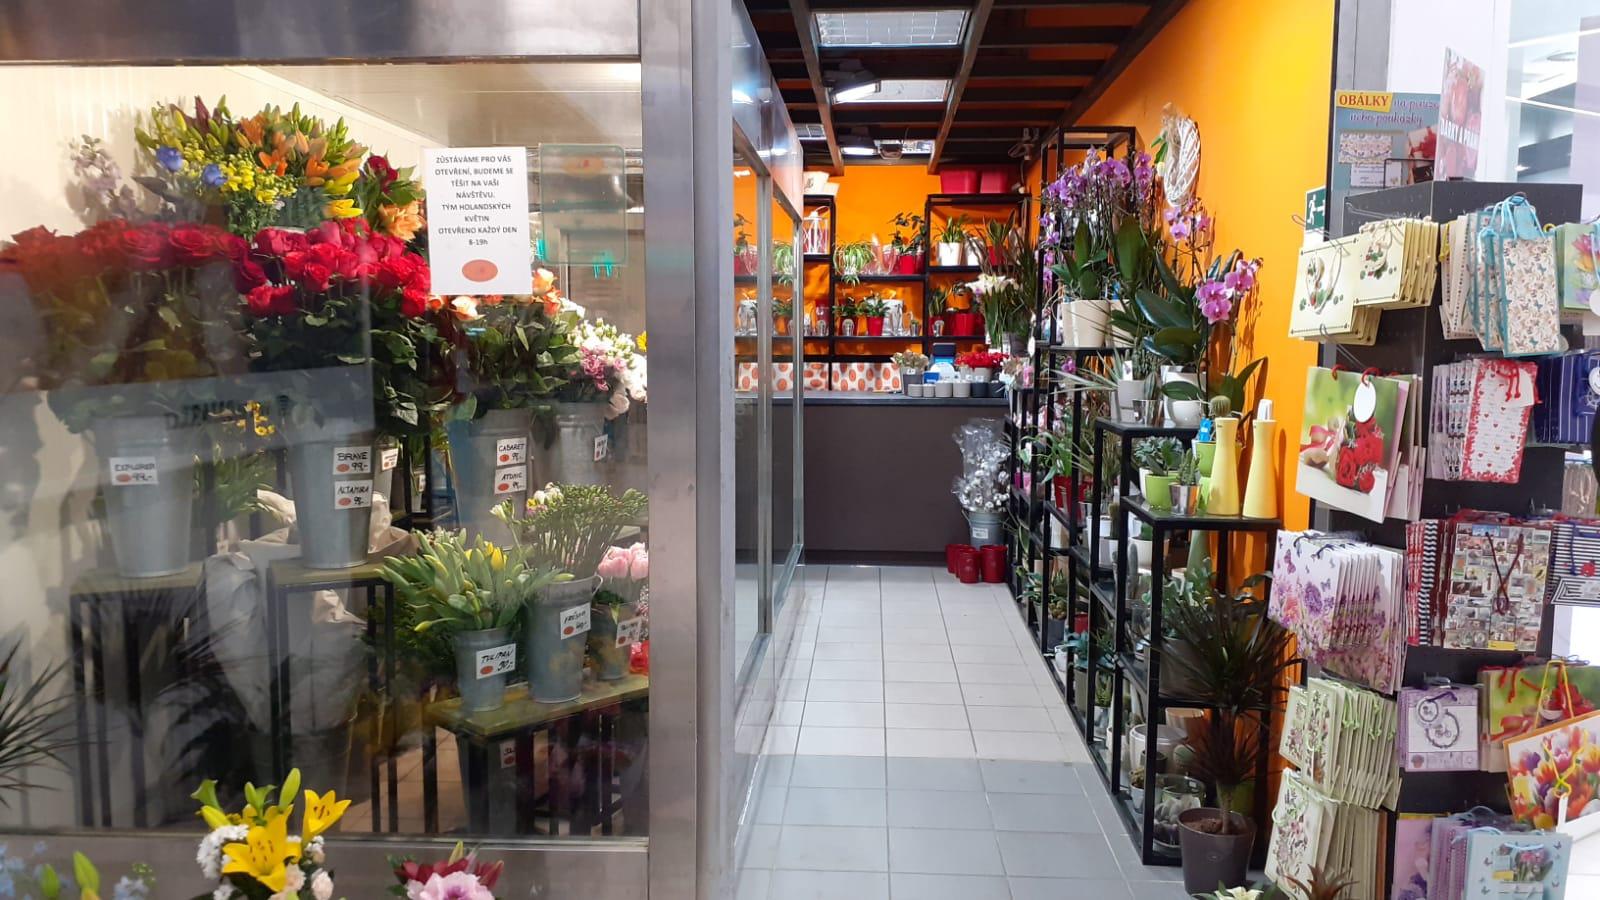 Holandské květiny Mercury Č. Budějovice